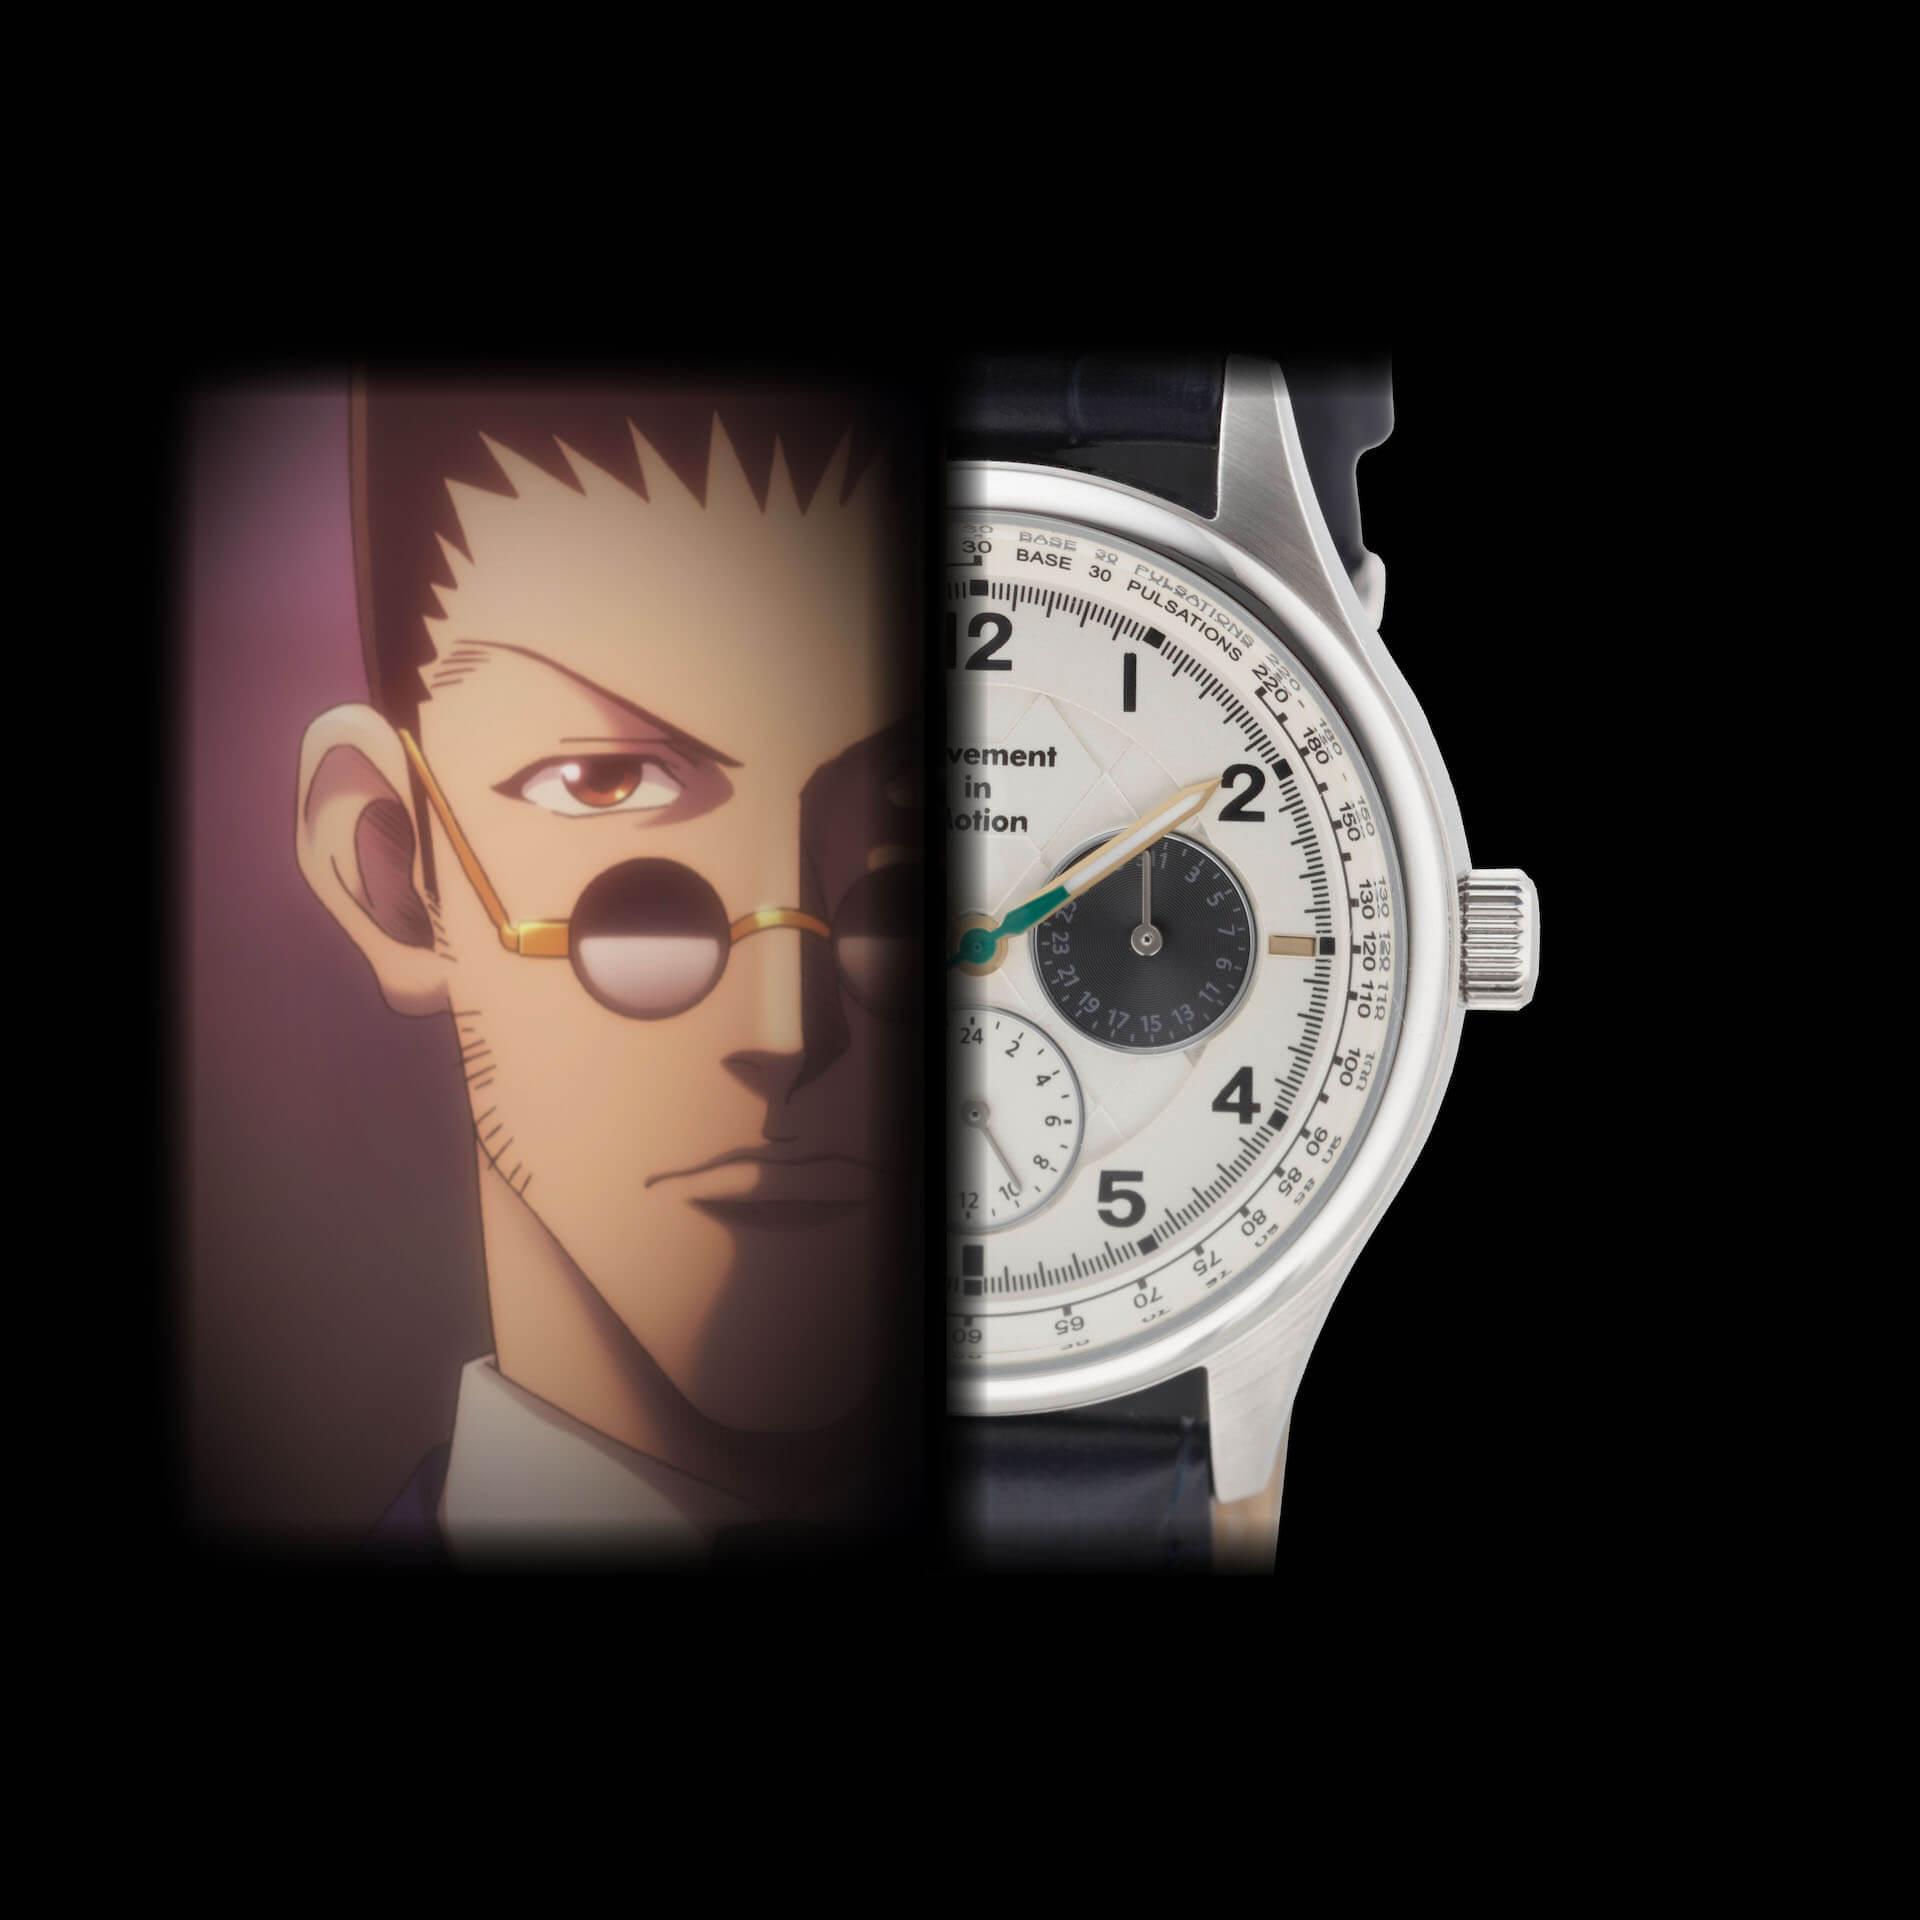 HUNTER×HUNTERとTiCTACの初コラボレーション腕時計が登場|ゴンやヒソカたち、人気キャラクターを表現 sub4-2